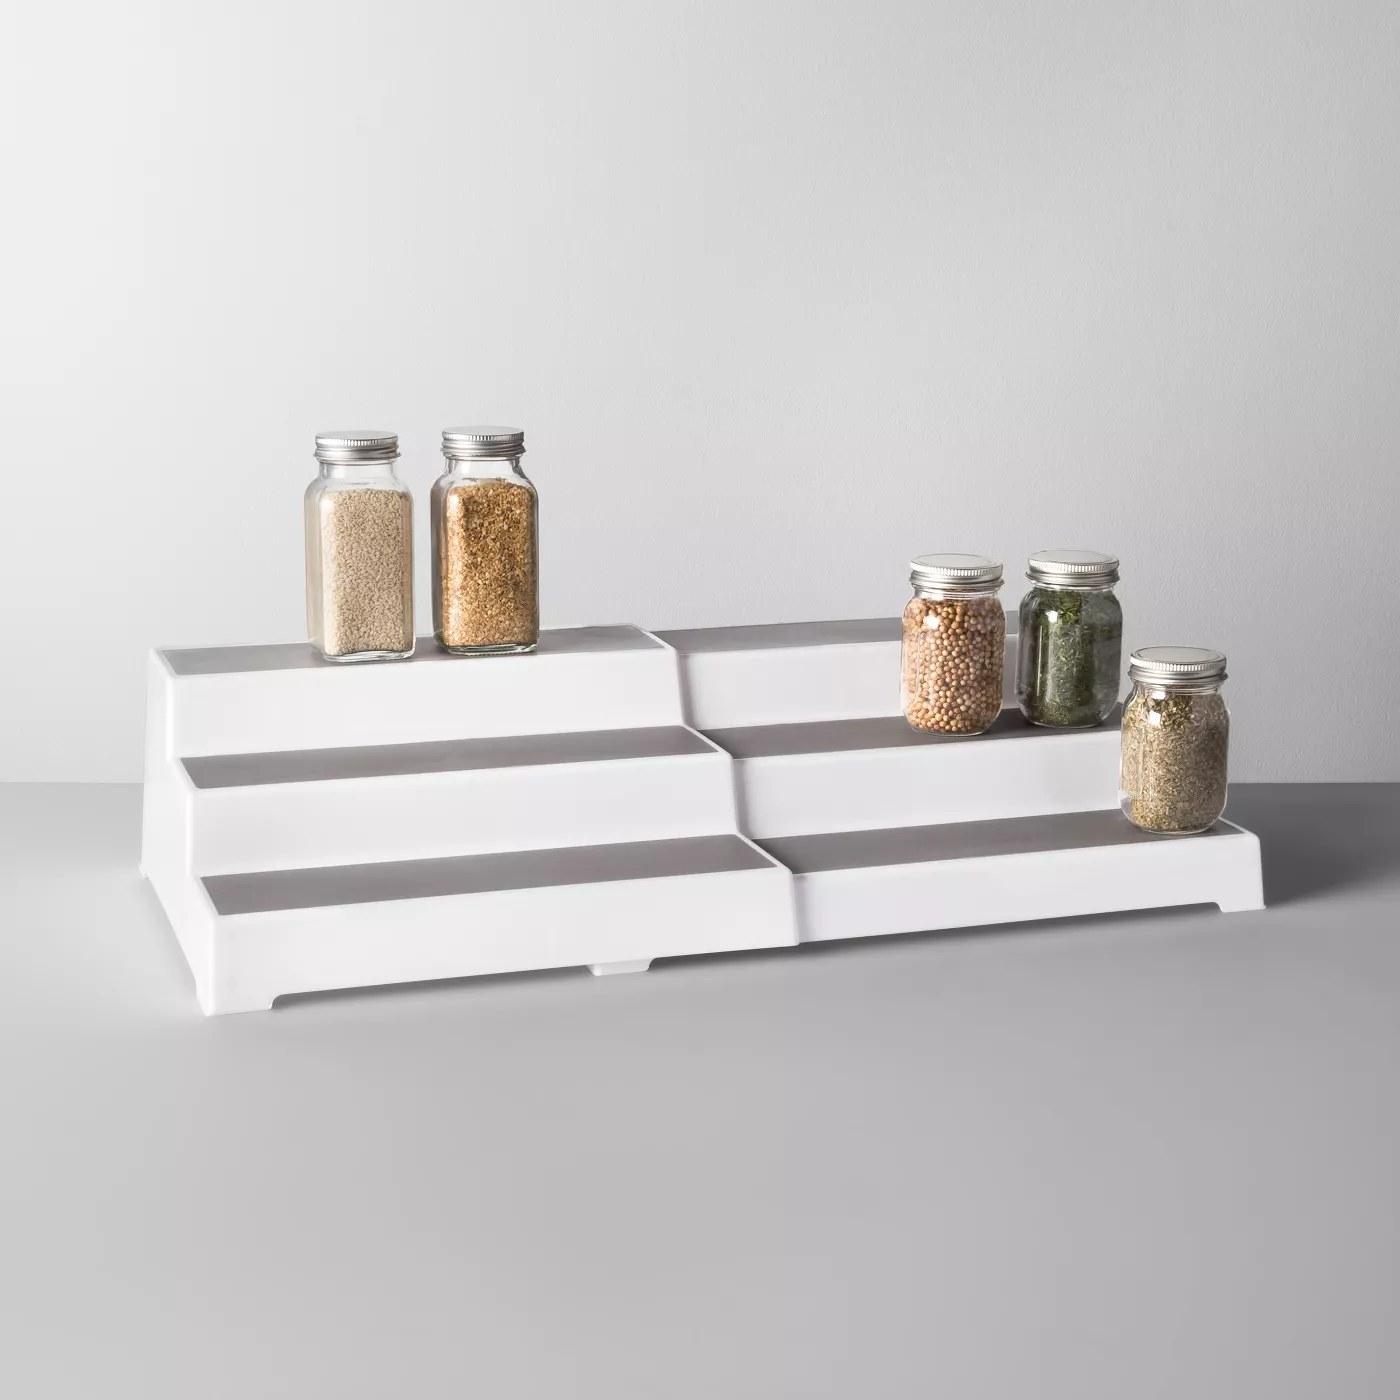 A shelf extension